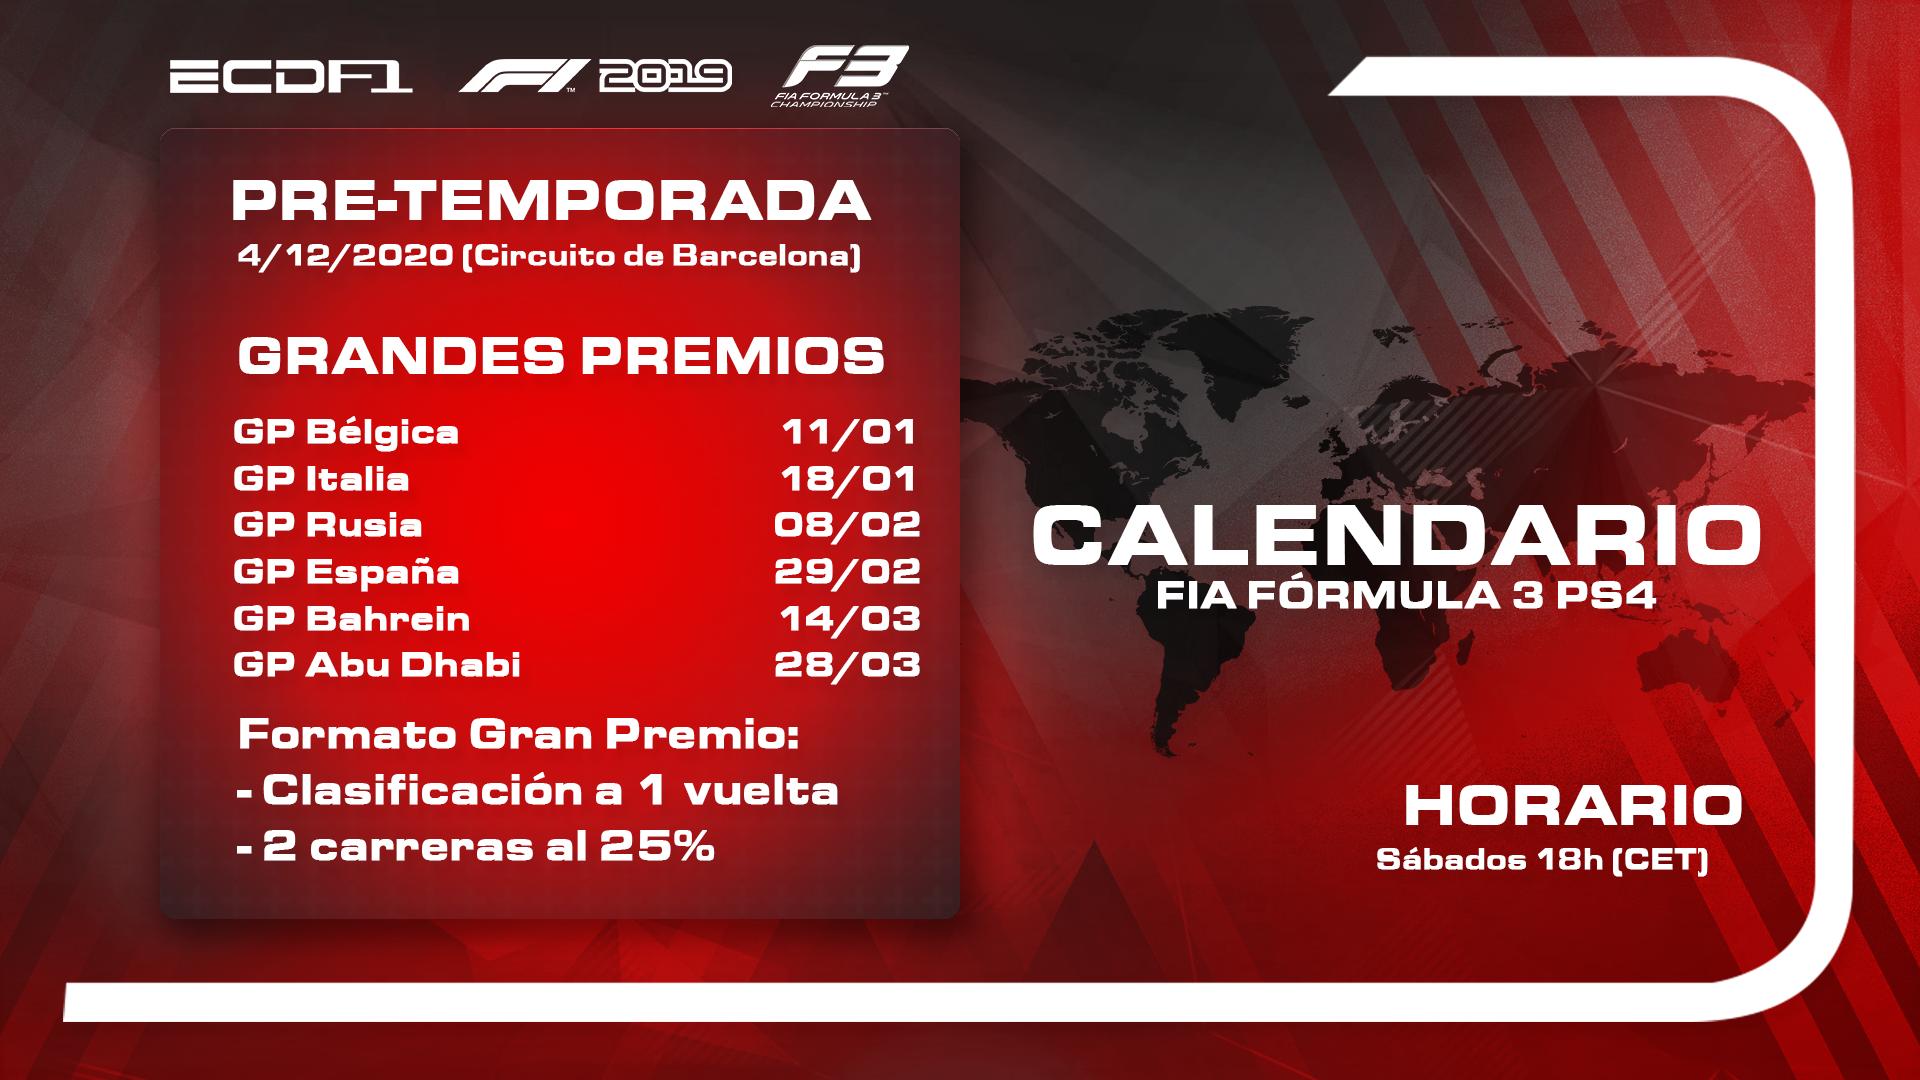 [F2/F3 PS4] Ampliaciones en los calendarios Calendario-F3